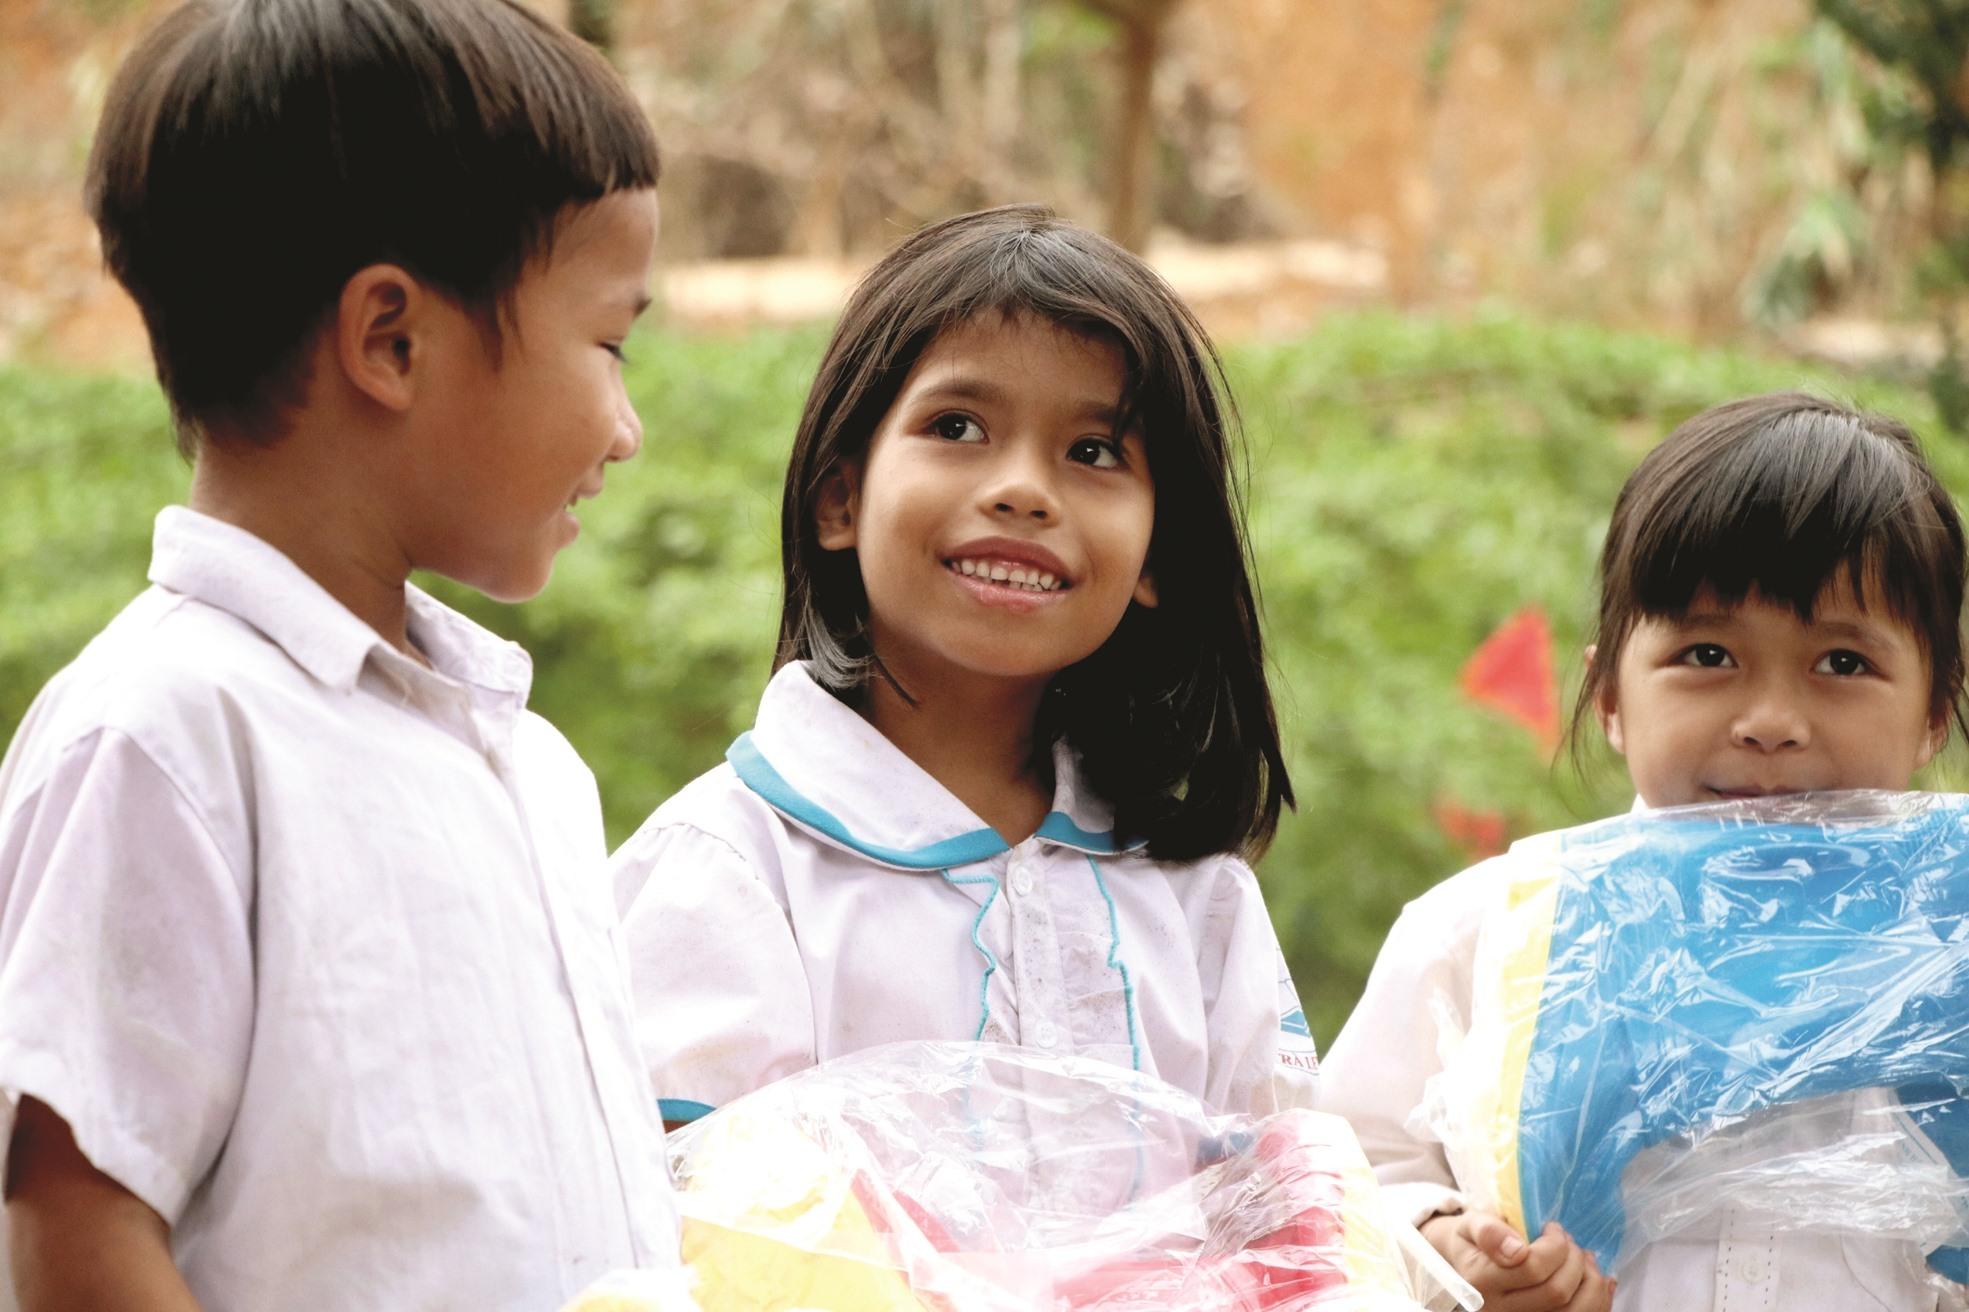 Nét mặt hồn nhiên của học sinh ở điểm Phổ thông dân tộc bán trú tiểu học Trà Leng trong ngày trở lại trường.